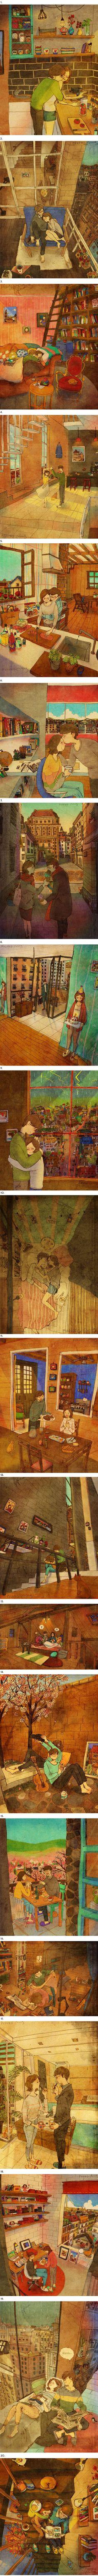 El artista coreano Puuung encontró una manera de capturar los momentos simples de la vida en pareja. Los simples detalles que construyen una relación.